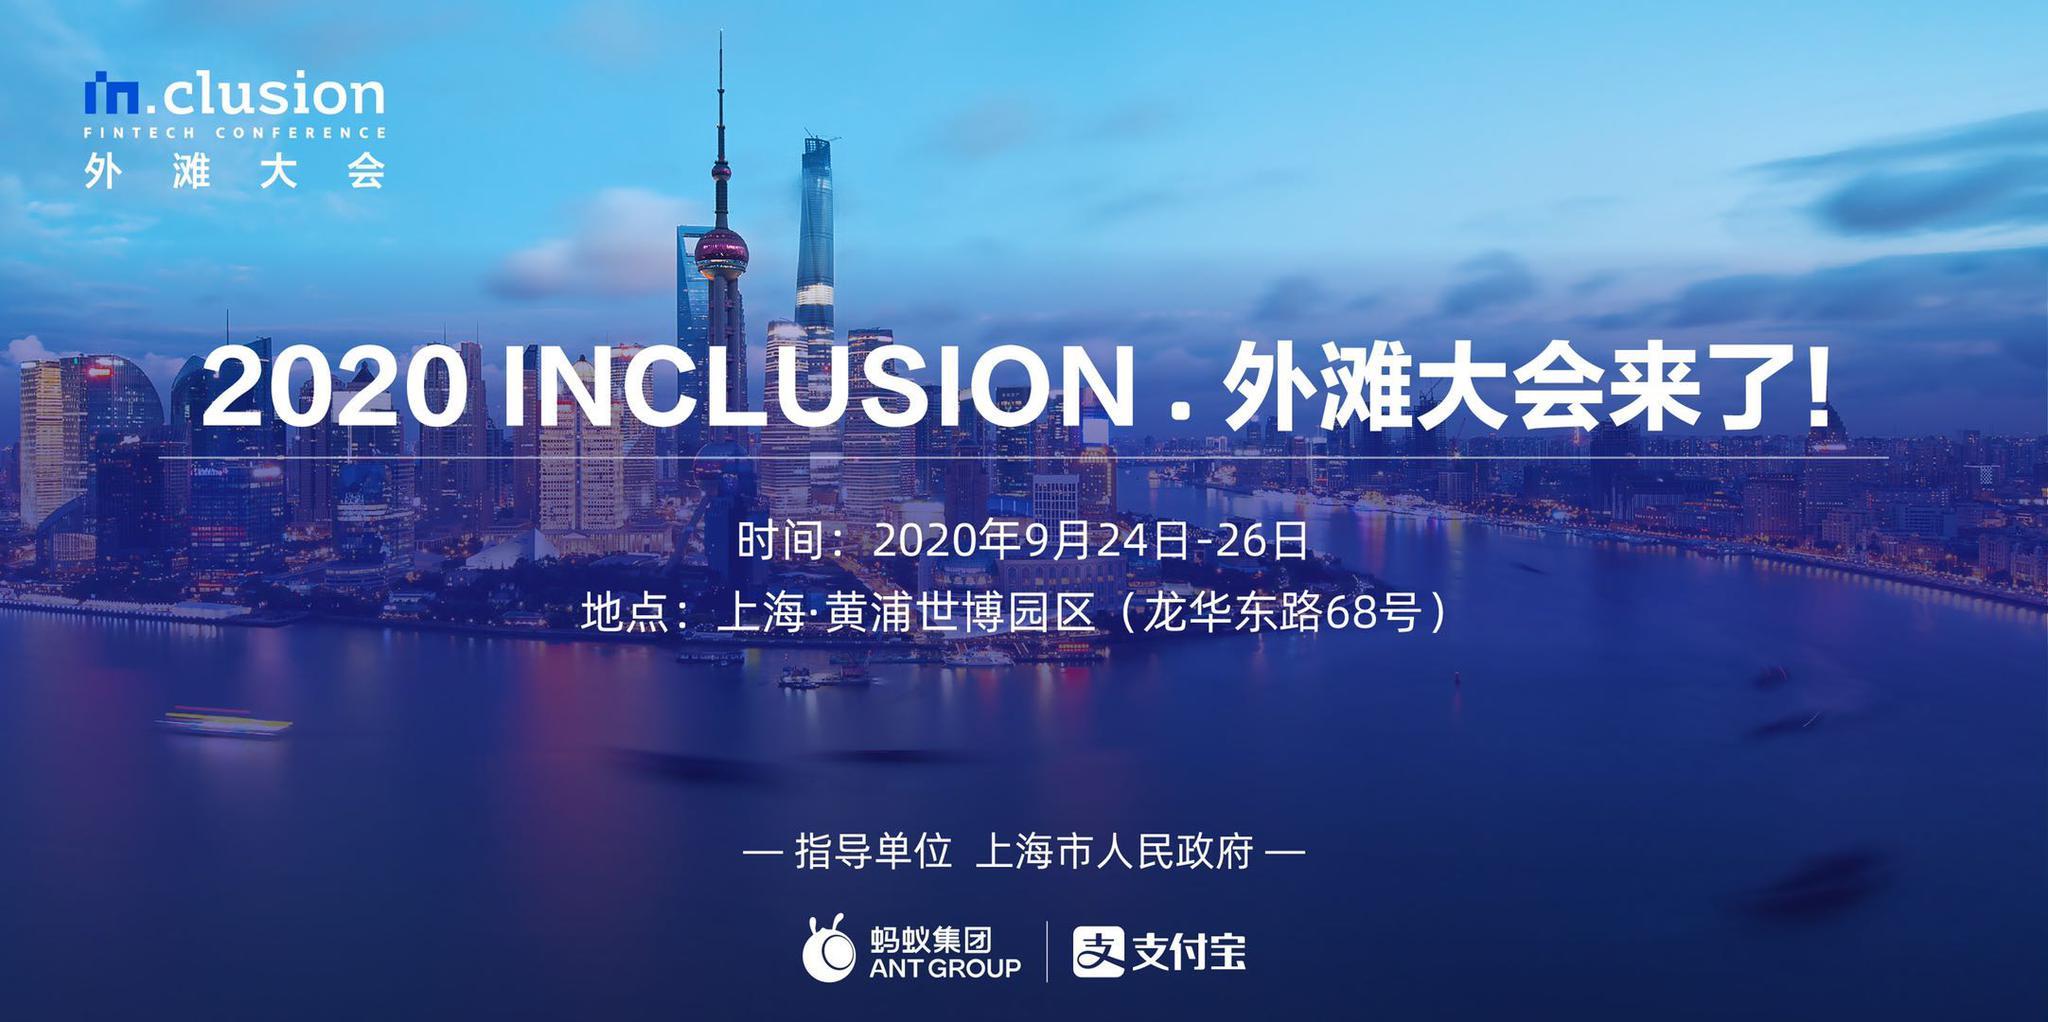 """""""外滩大会""""于9月24日至26日在上海黄浦世博园区举行"""